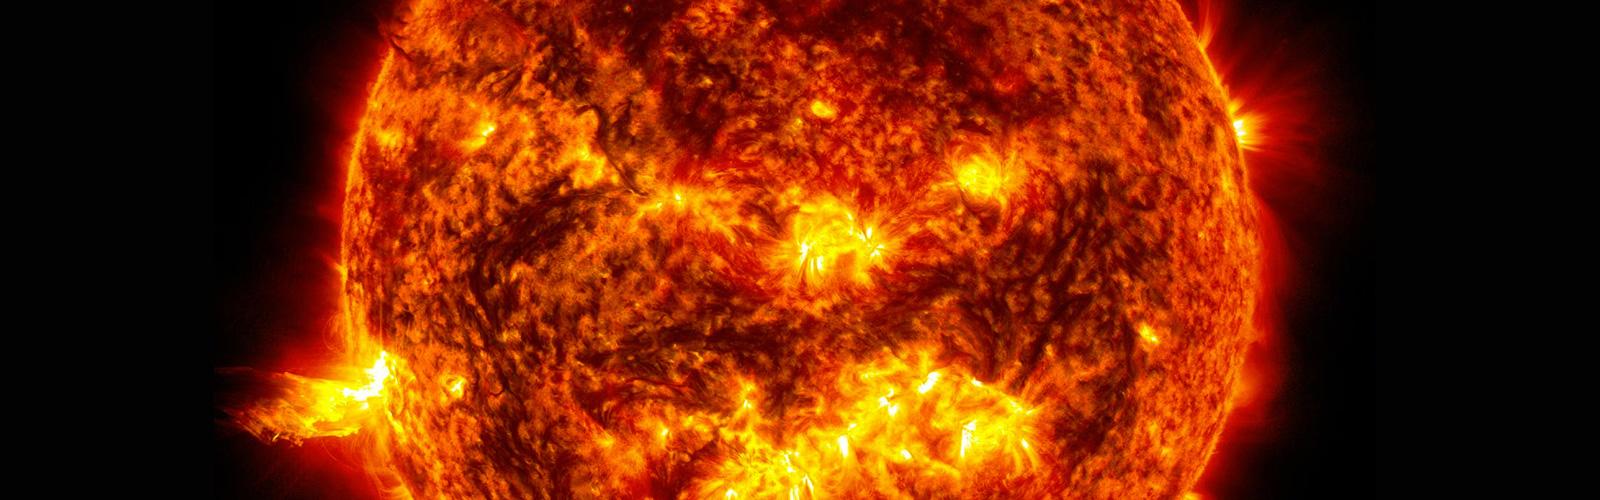 Что такое солнце (звезда или планета), каково его строение и диаметр, сколько ему лет, где и почему оно восходит (встает)